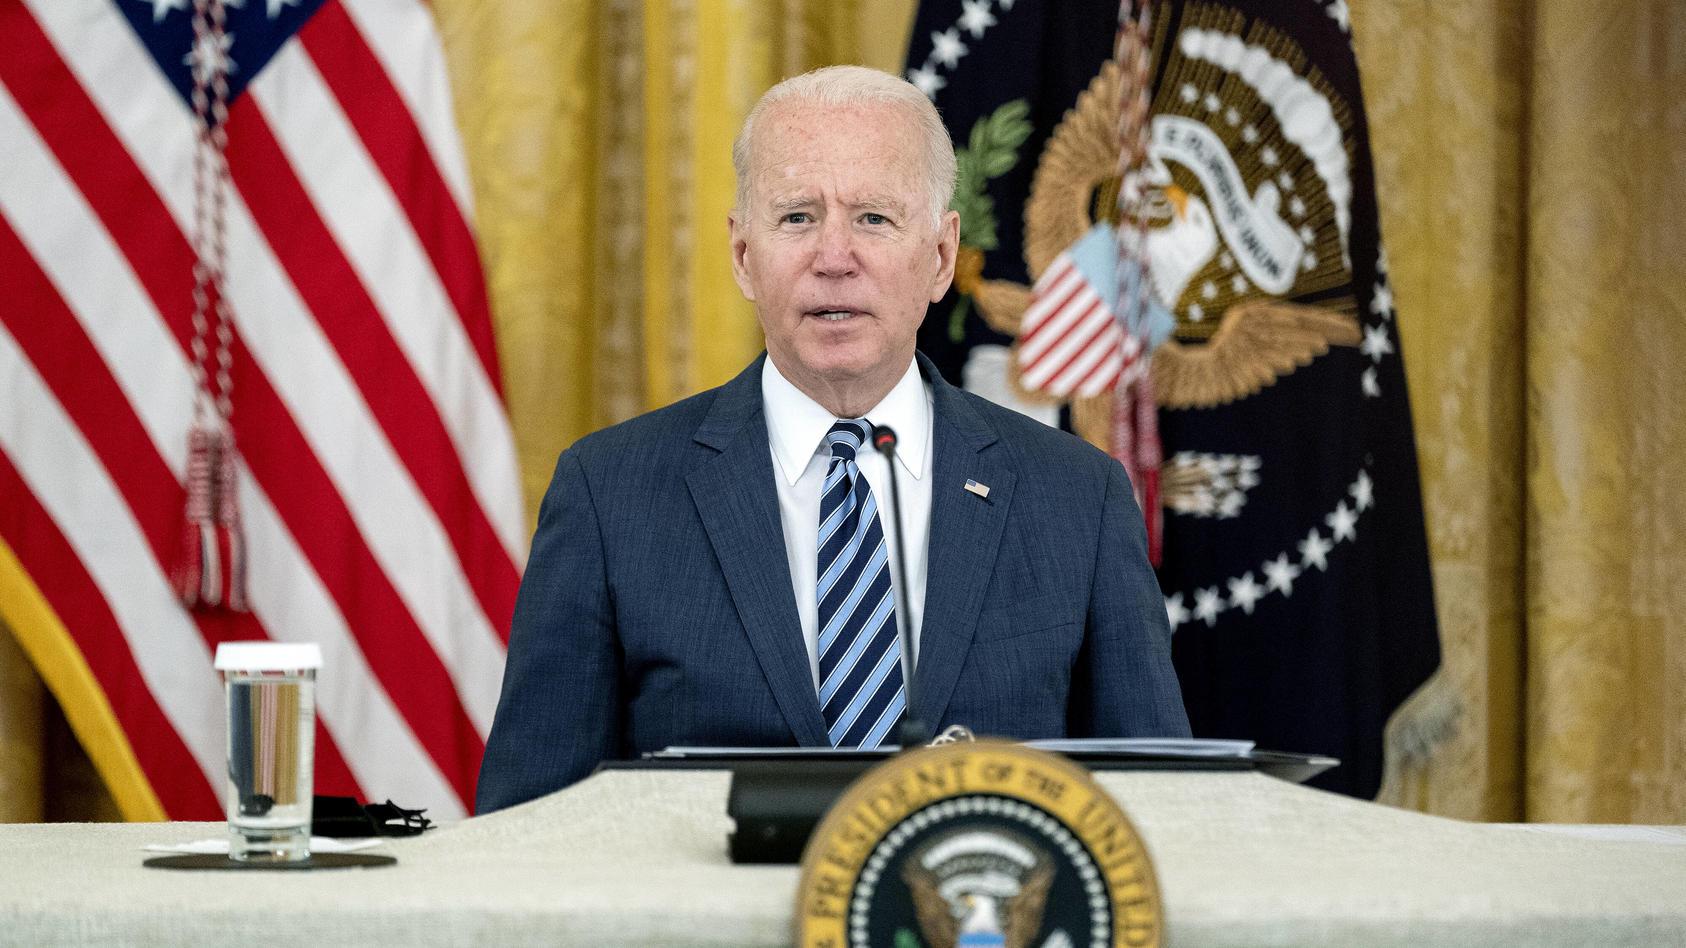 US-Präsident Joe Biden im Weißen Haus in Washington, D.C.